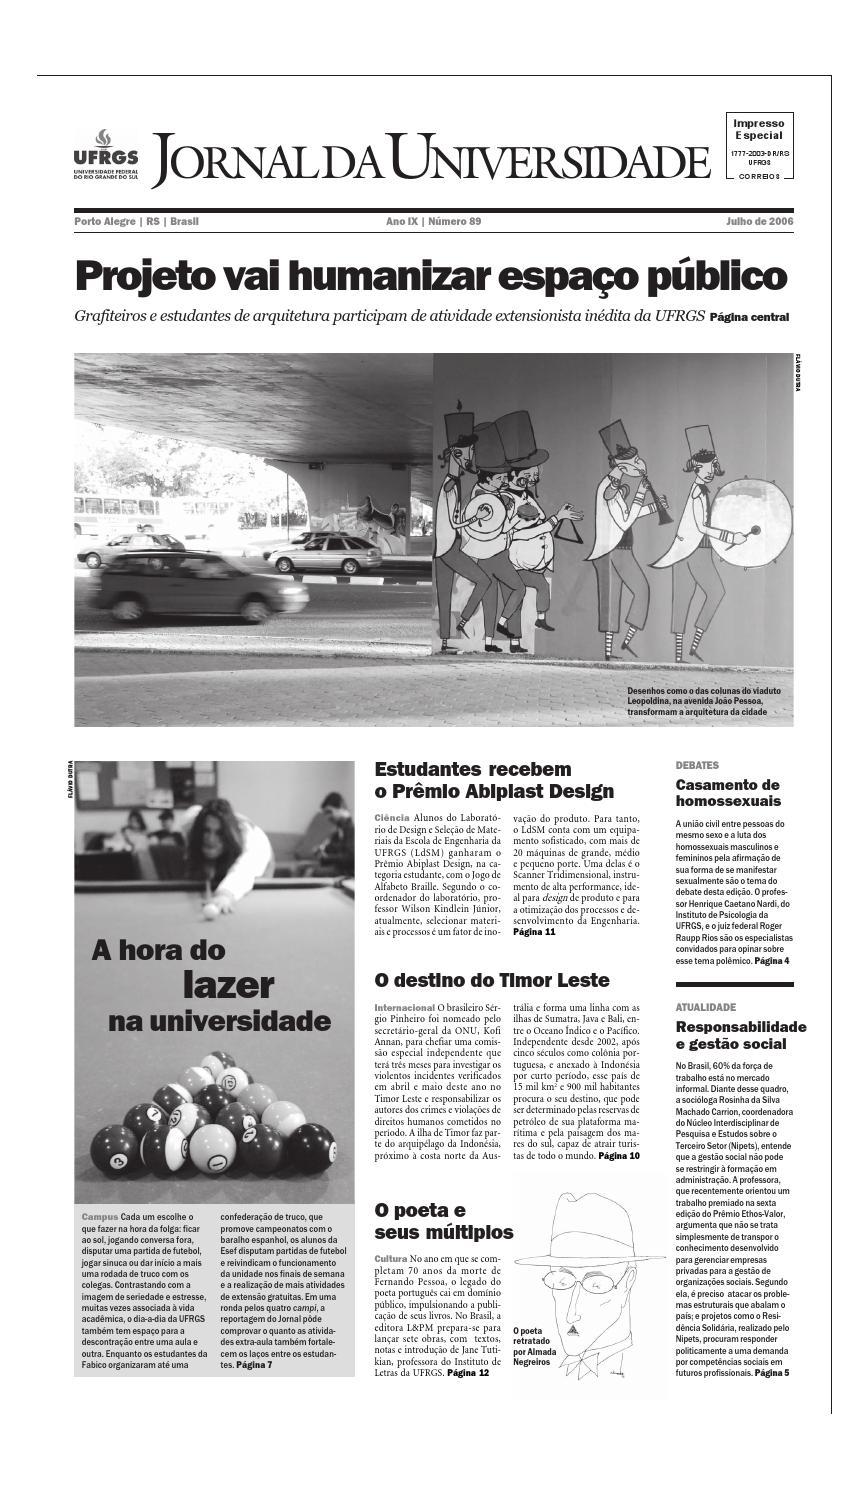 Jornal da Universidade by Universidade Federal do Rio Grande do Sul - issuu 5c4fd829b744a